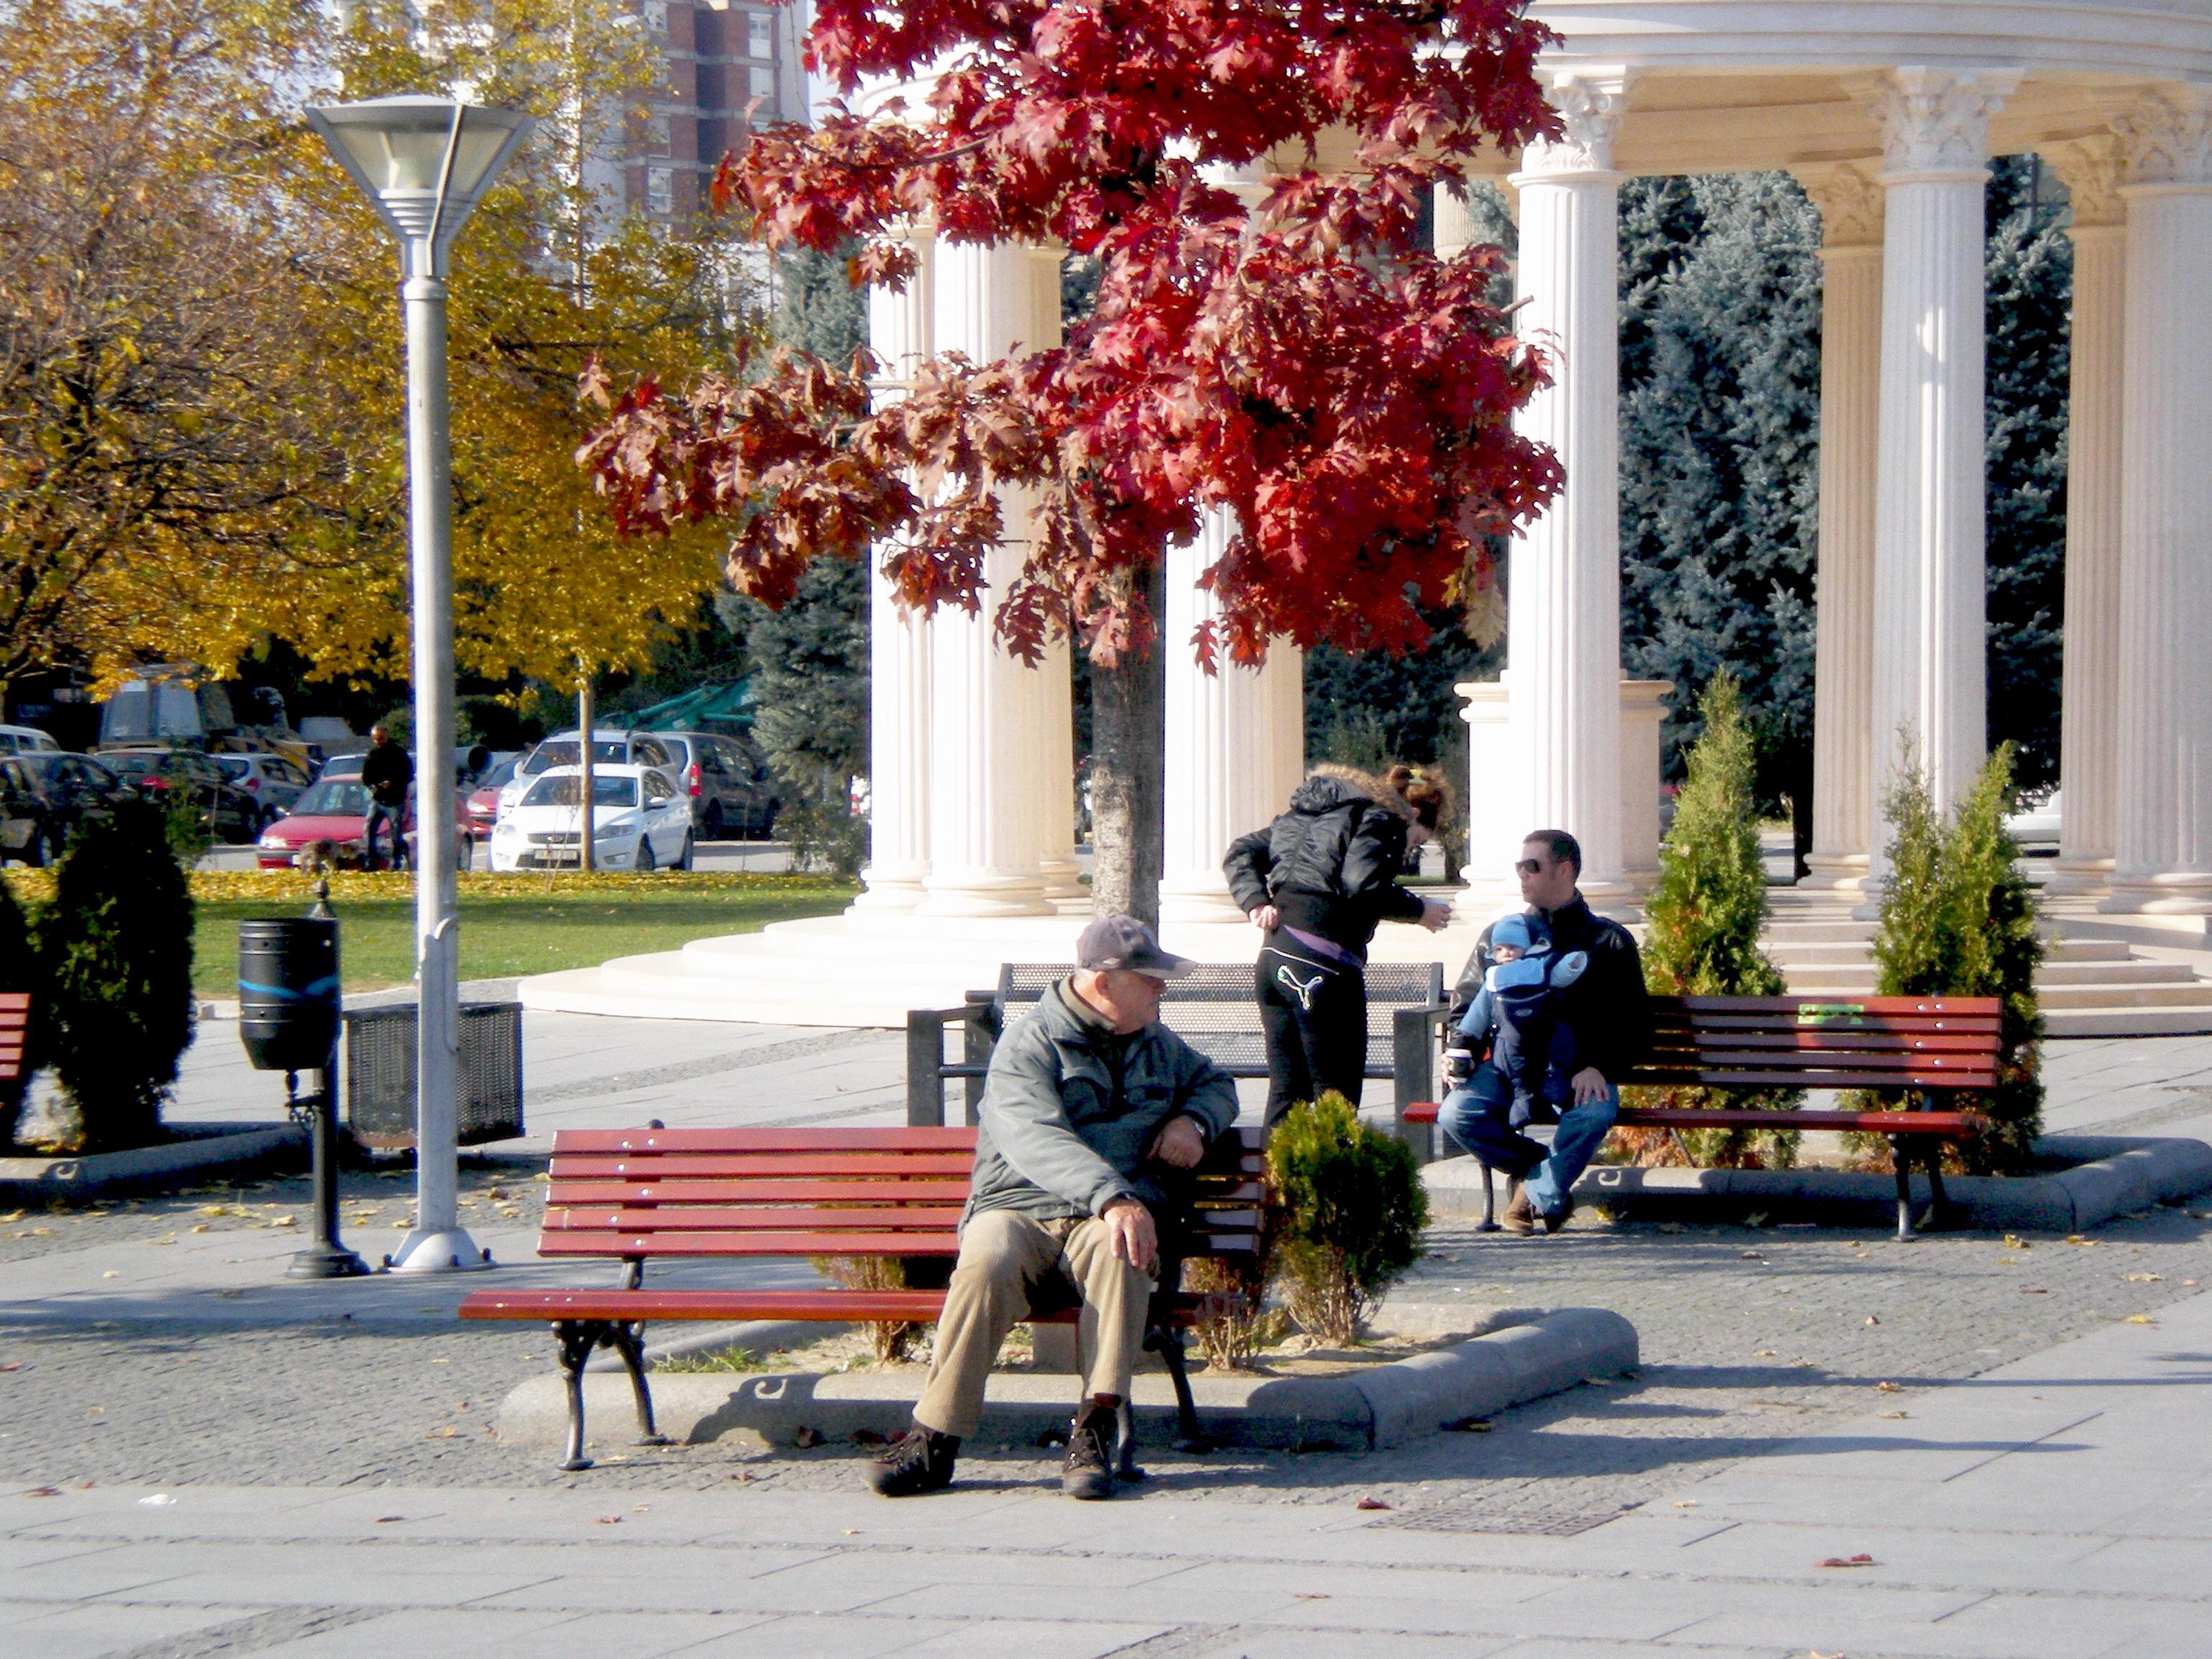 ВРЕМЕТО ДЕНЕС: Сончев есенски ден со температура до 18 степени